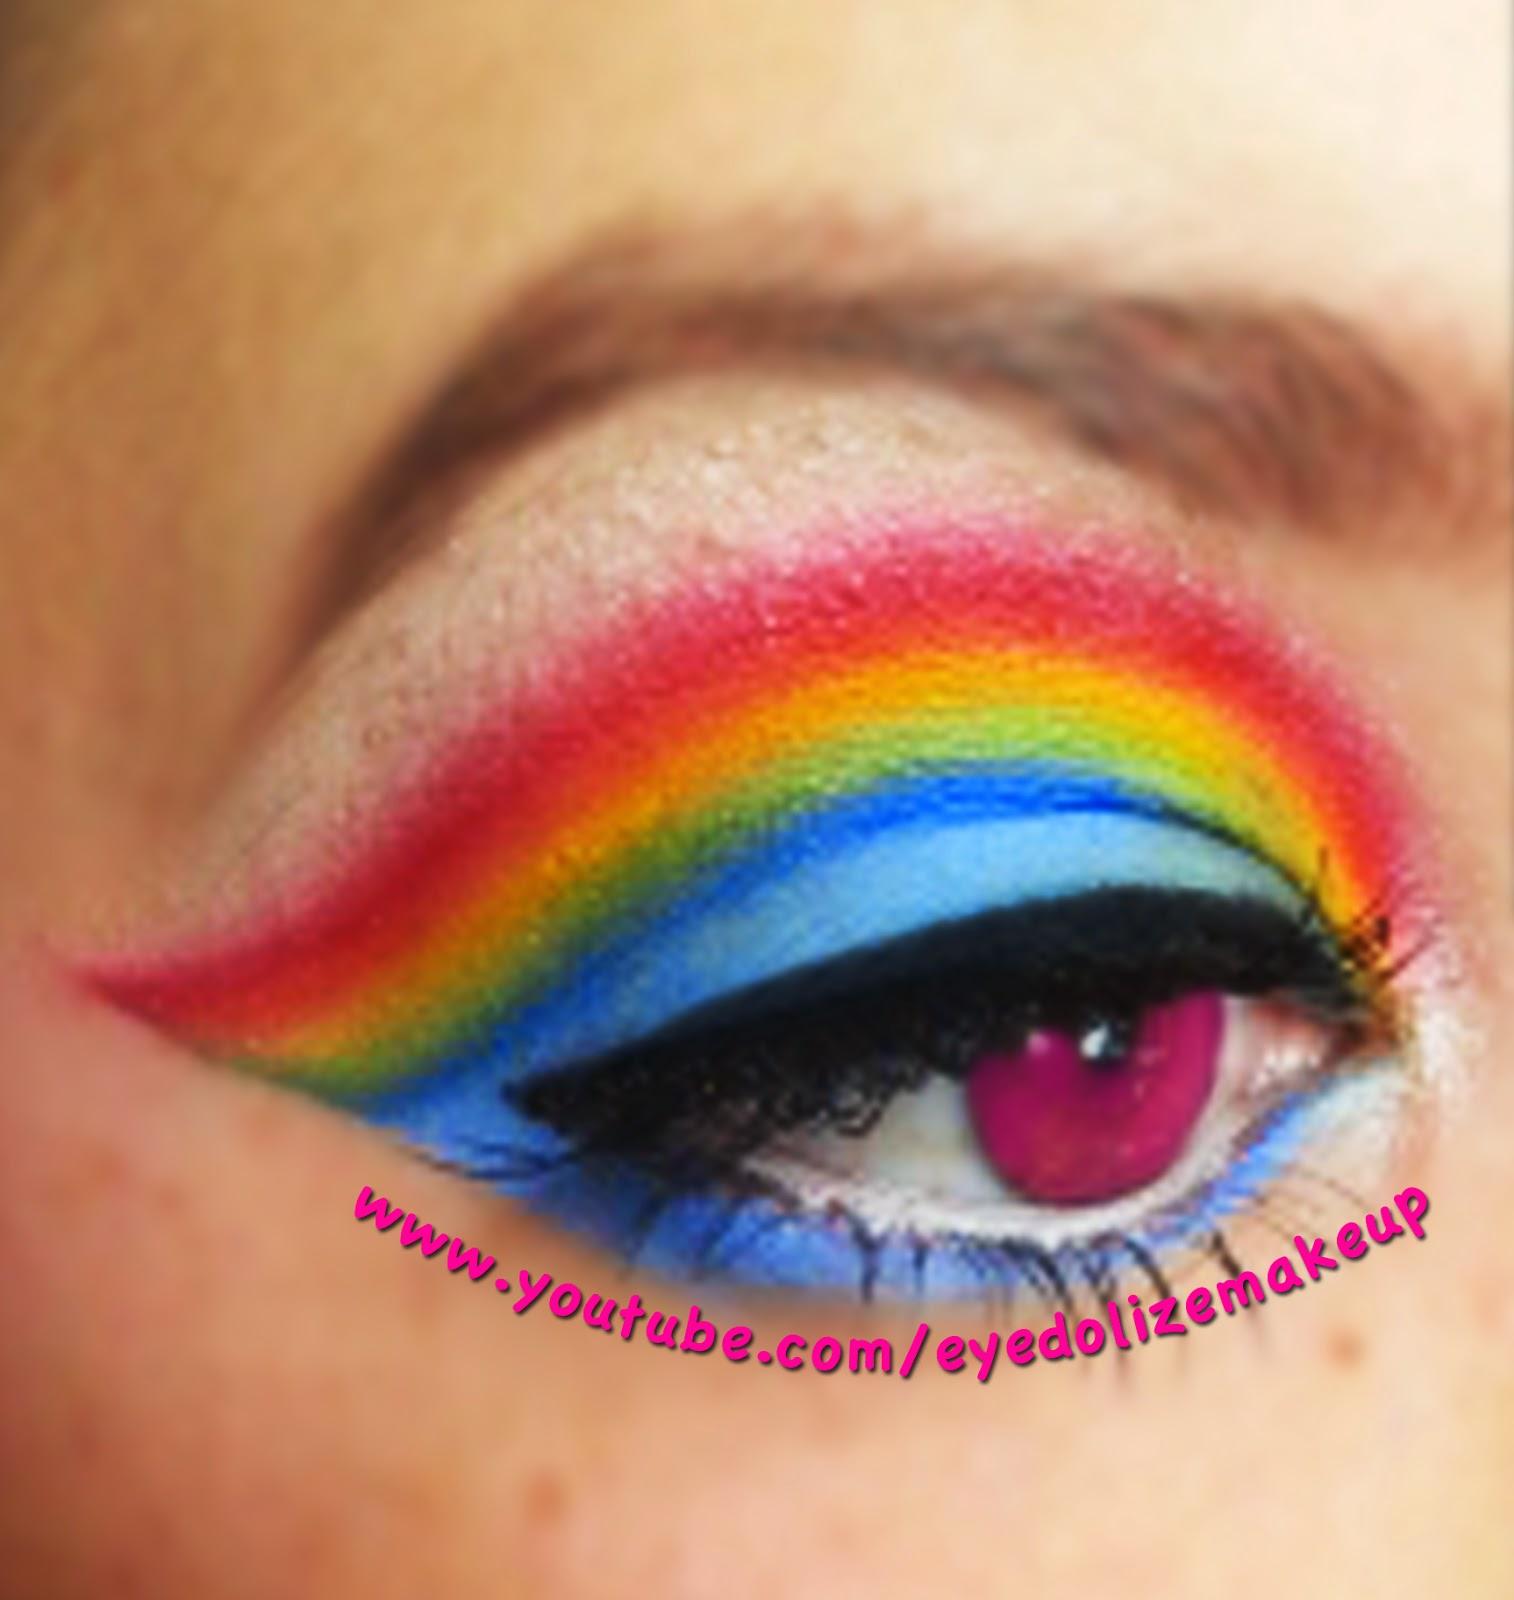 Eyedolize makeup my little pony series rainbow dash rainbow dash my little pony inspired makeup eyeshadow tutorial by eyedolizemakeup baditri Images